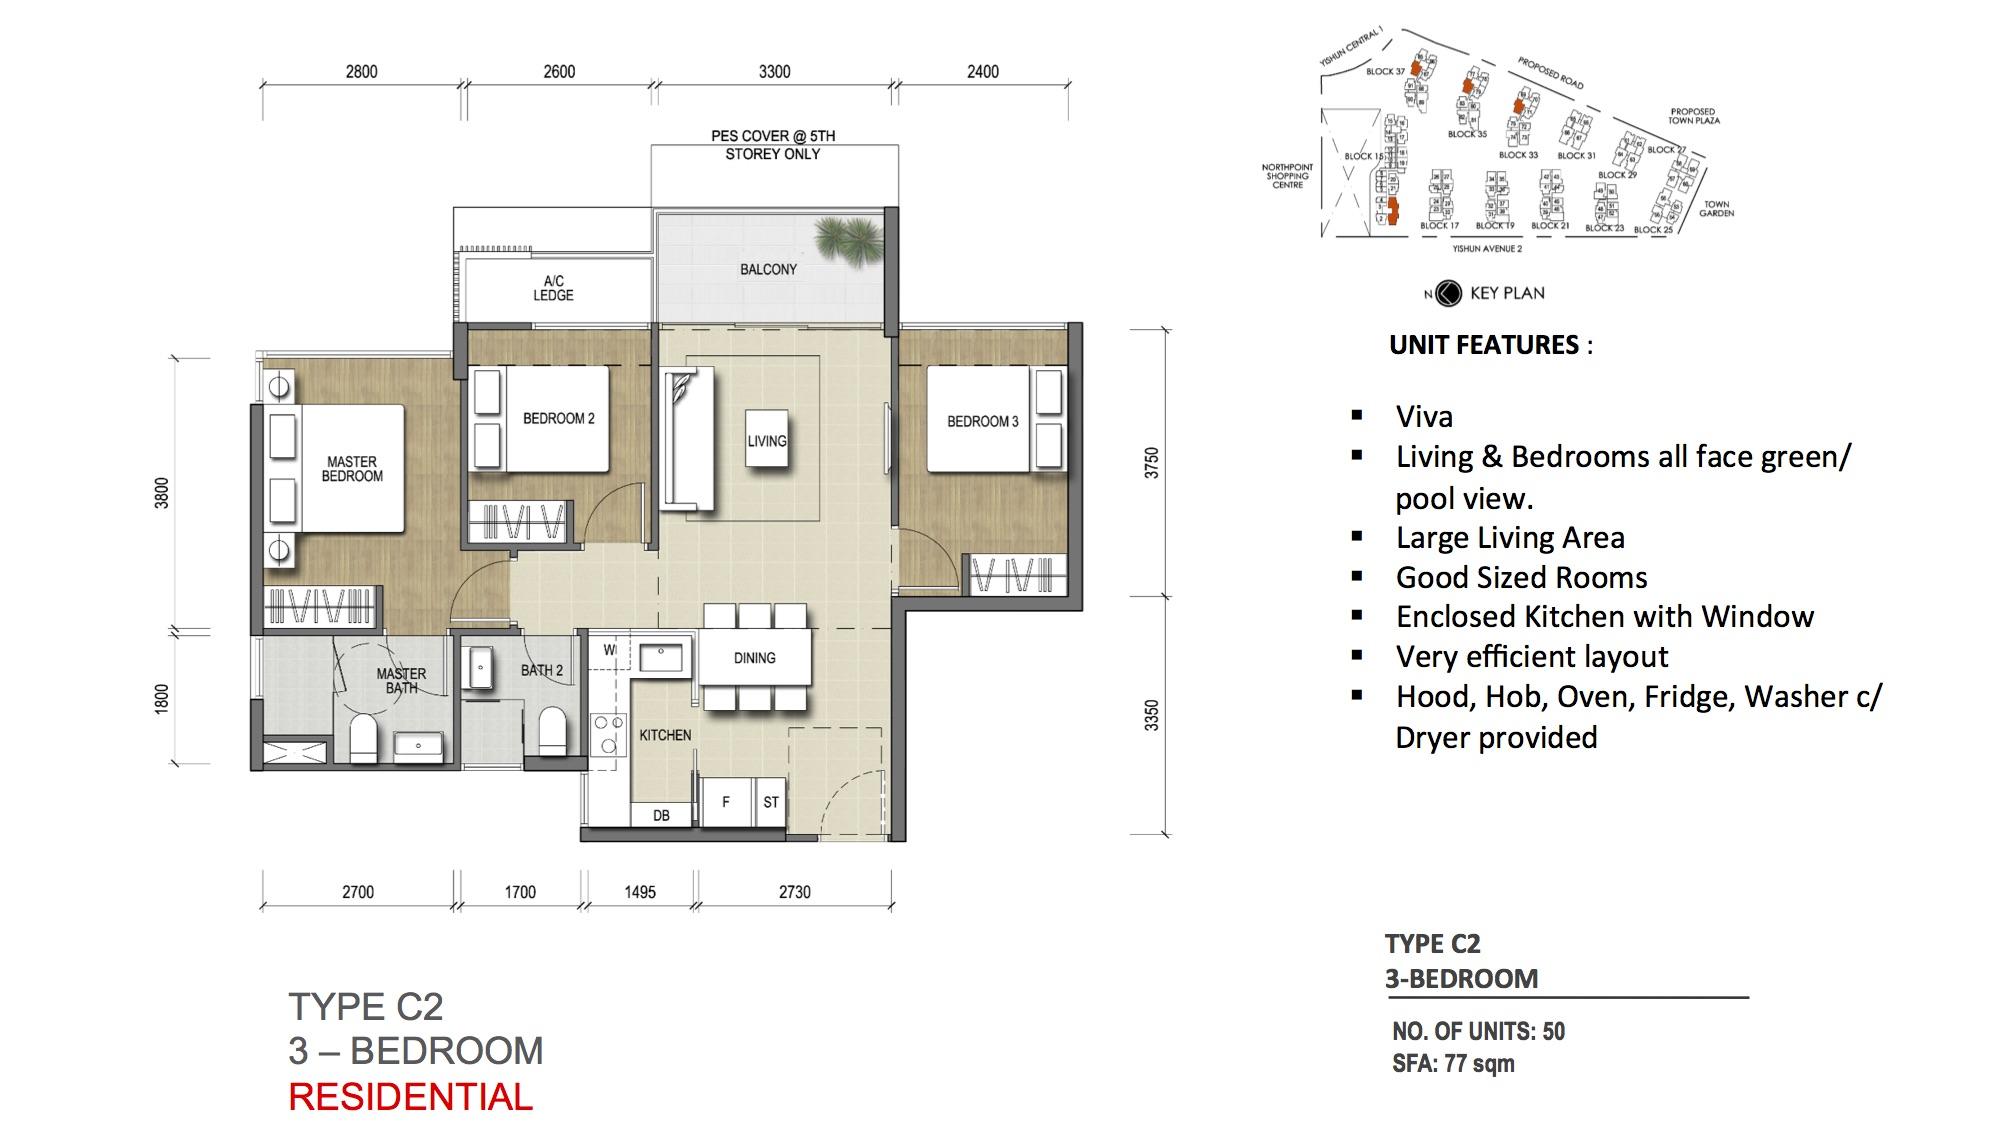 Type C2 - 3 Bedroom